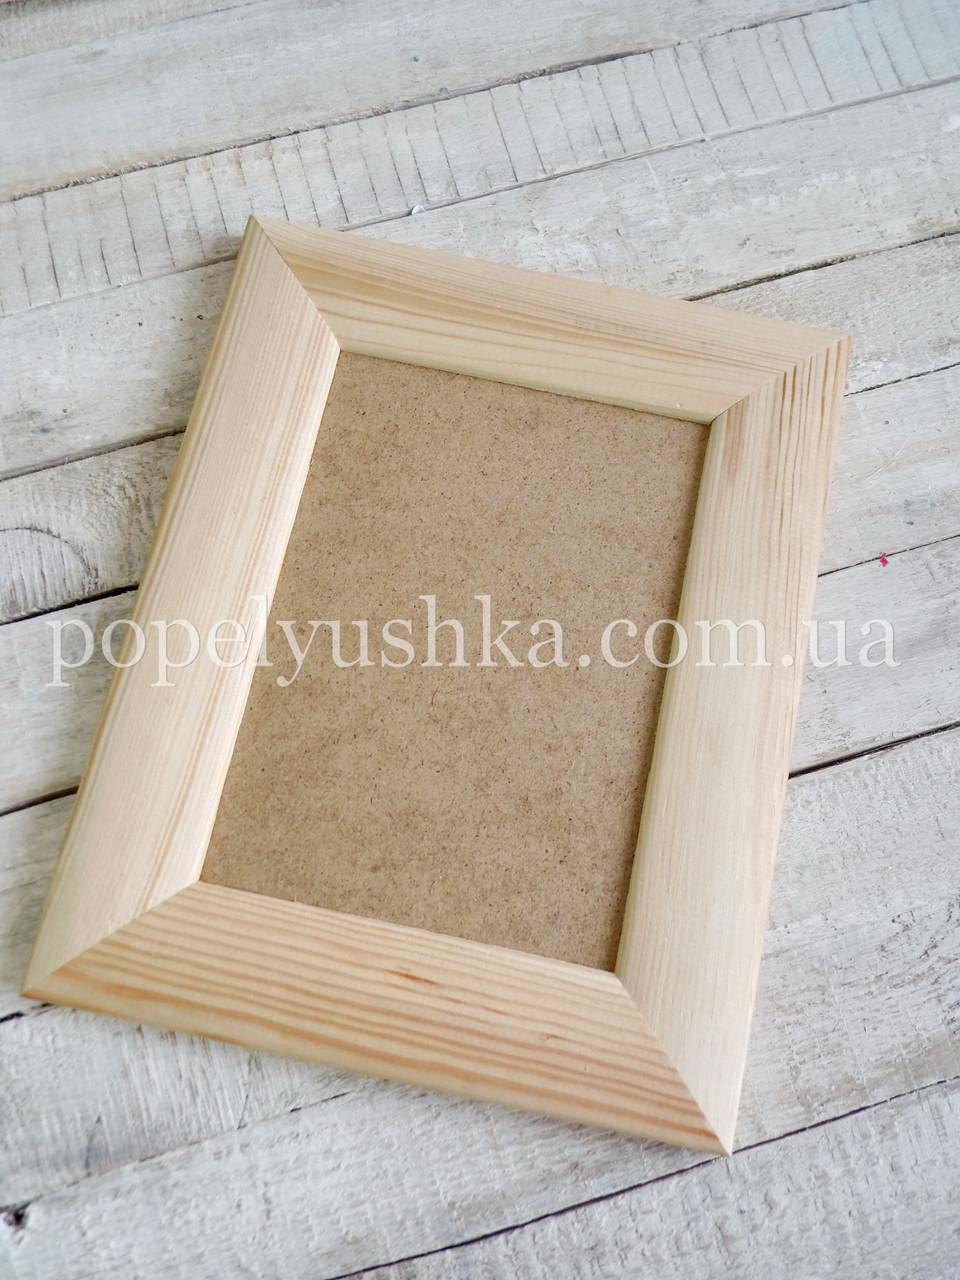 Рамка деревянная с ДВП 13 * 18 см (планка 40 * 17)